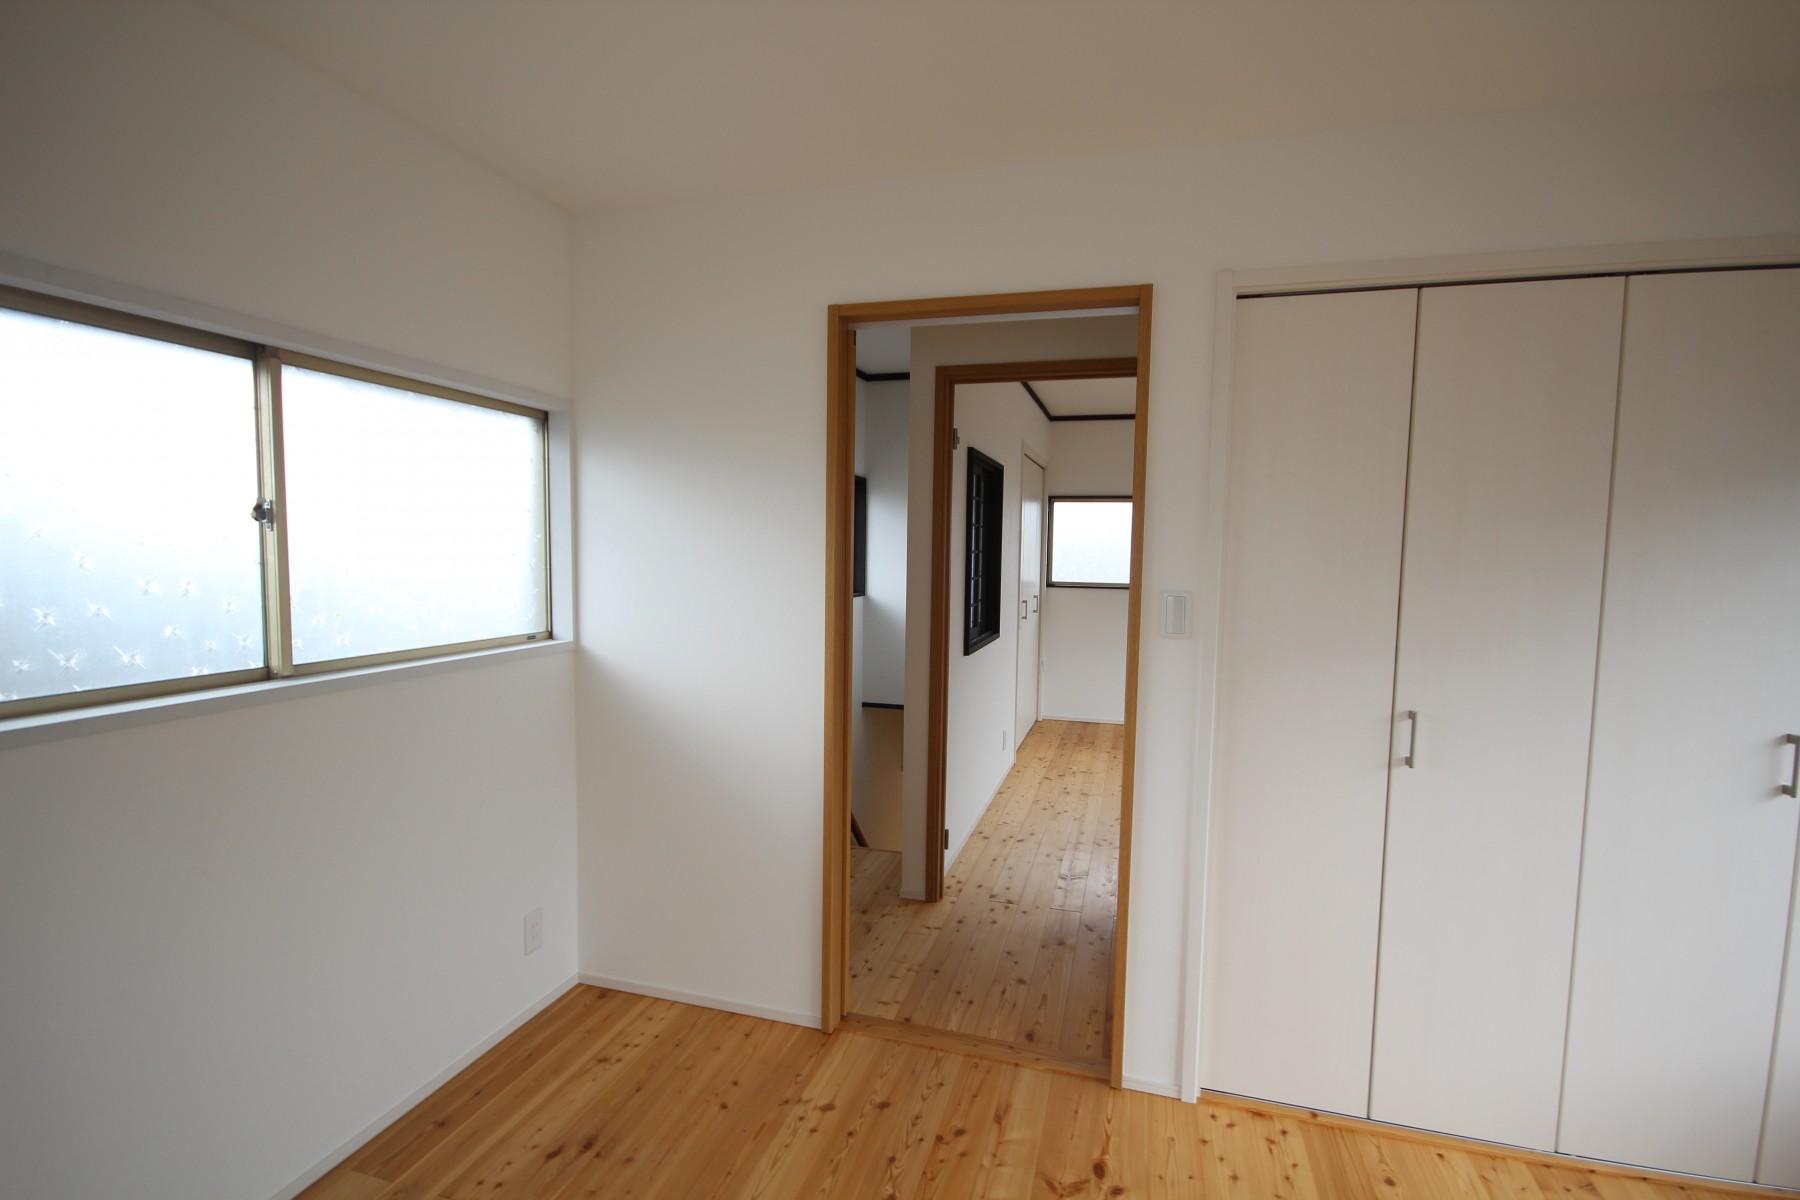 大分市中古住宅リノベーションH様邸子供部屋アフター写真